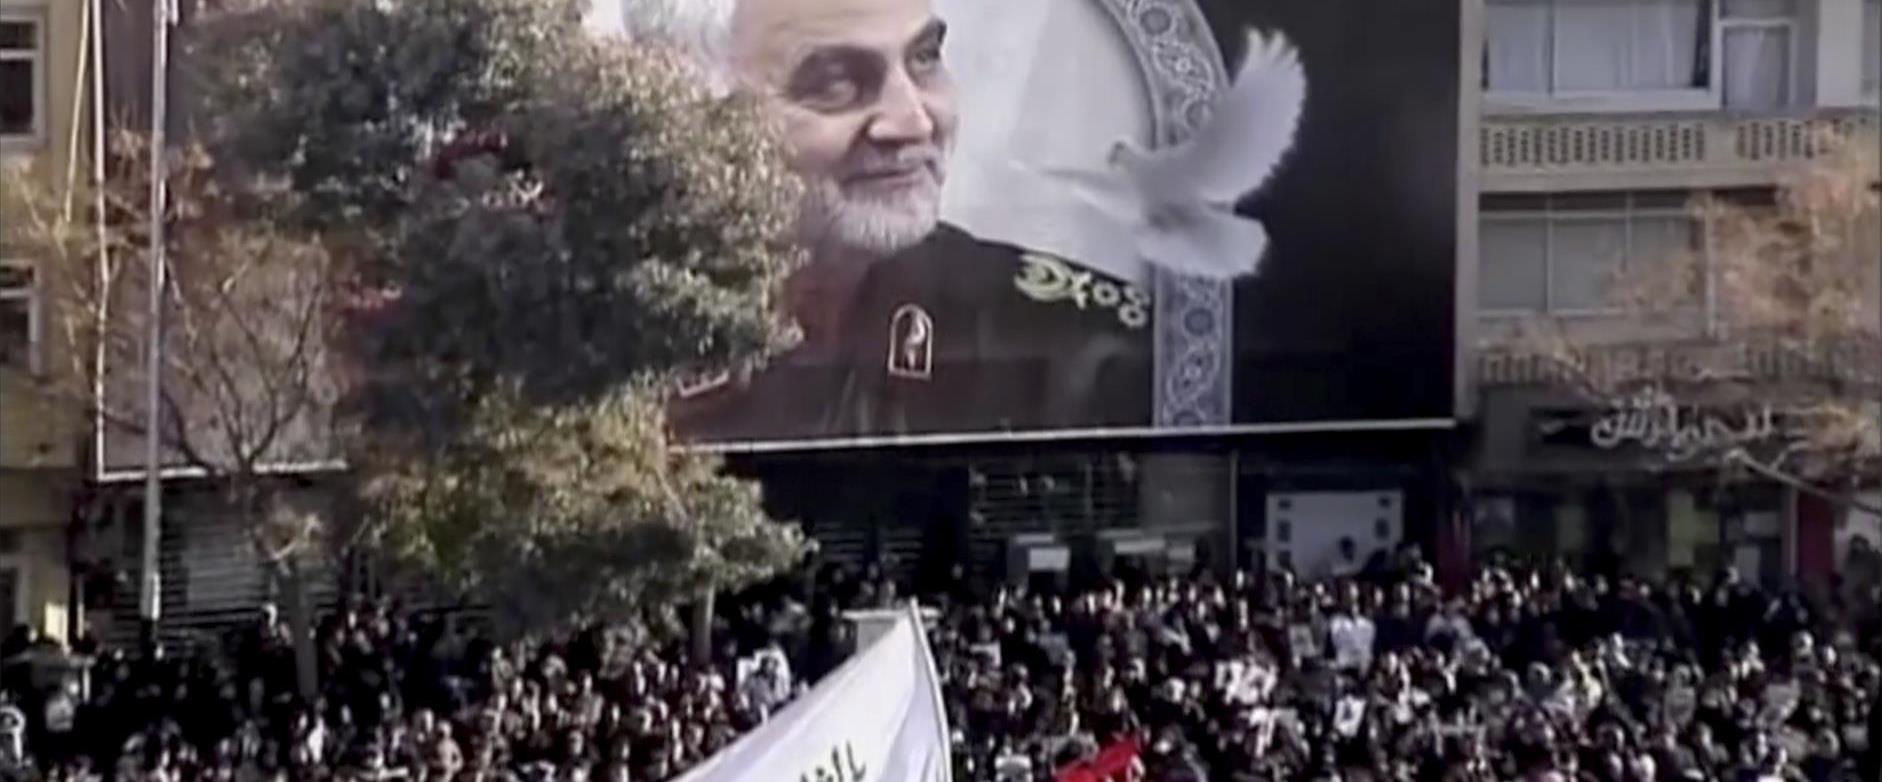 מסע הלוויה של סולימאני, איראן, הבוקר